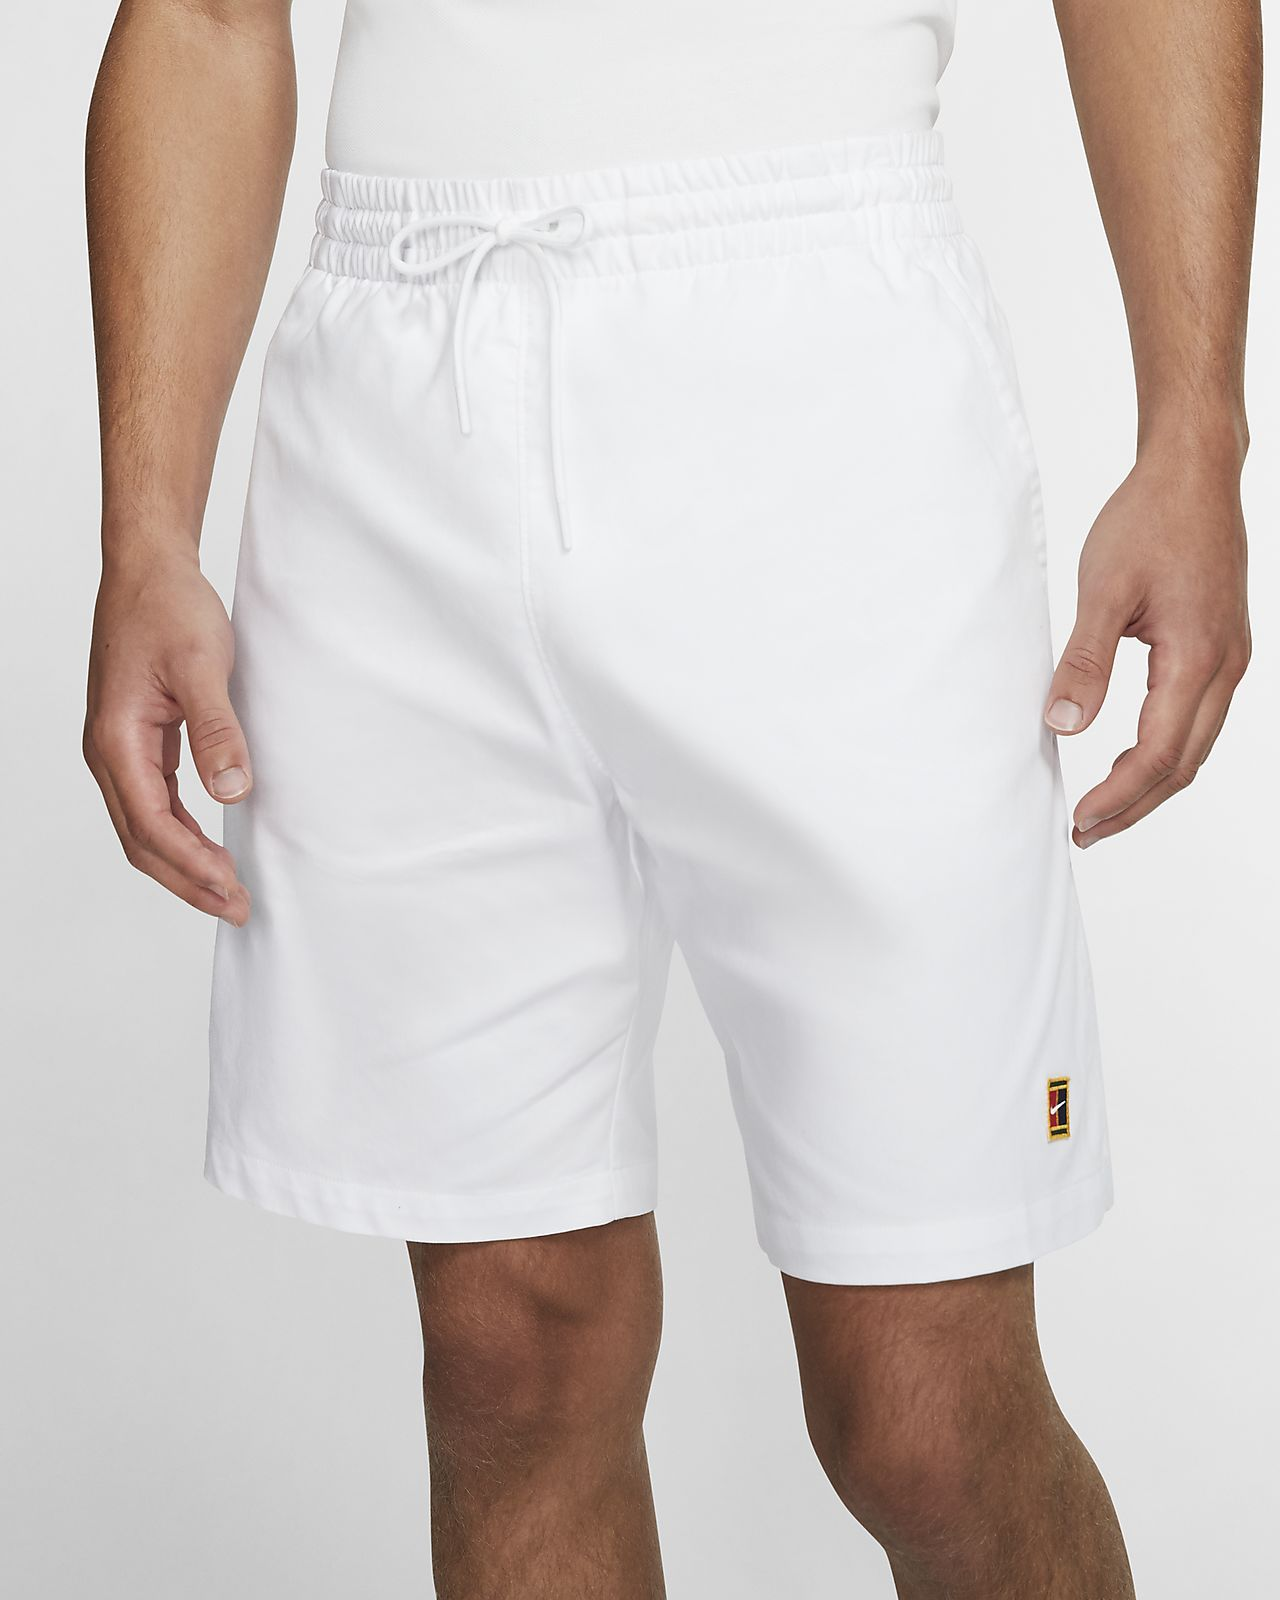 Shorts da tennis NikeCourt - Uomo